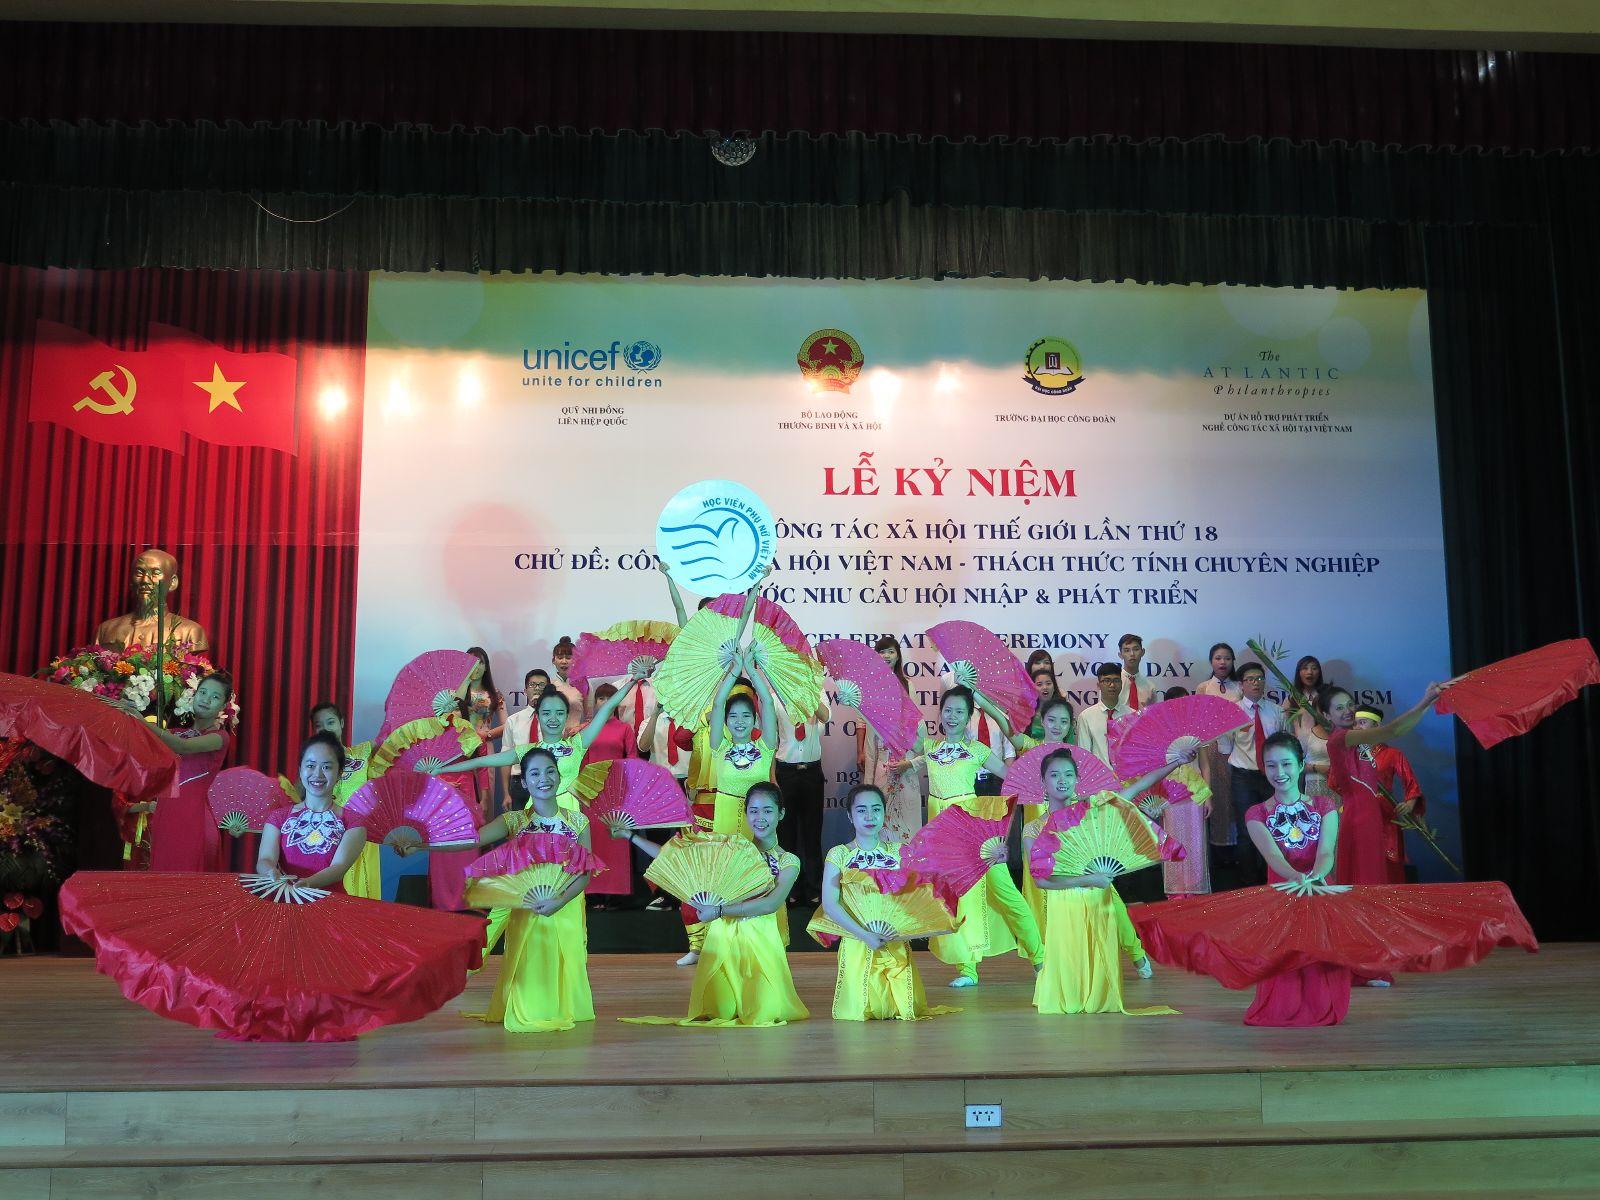 Công tác tổ chức và nội dung Chương trình kỉ niệm ngày Công tác xã hội Thế giới lần thứ 19 tại Học viện Phụ nữ Việt Nam